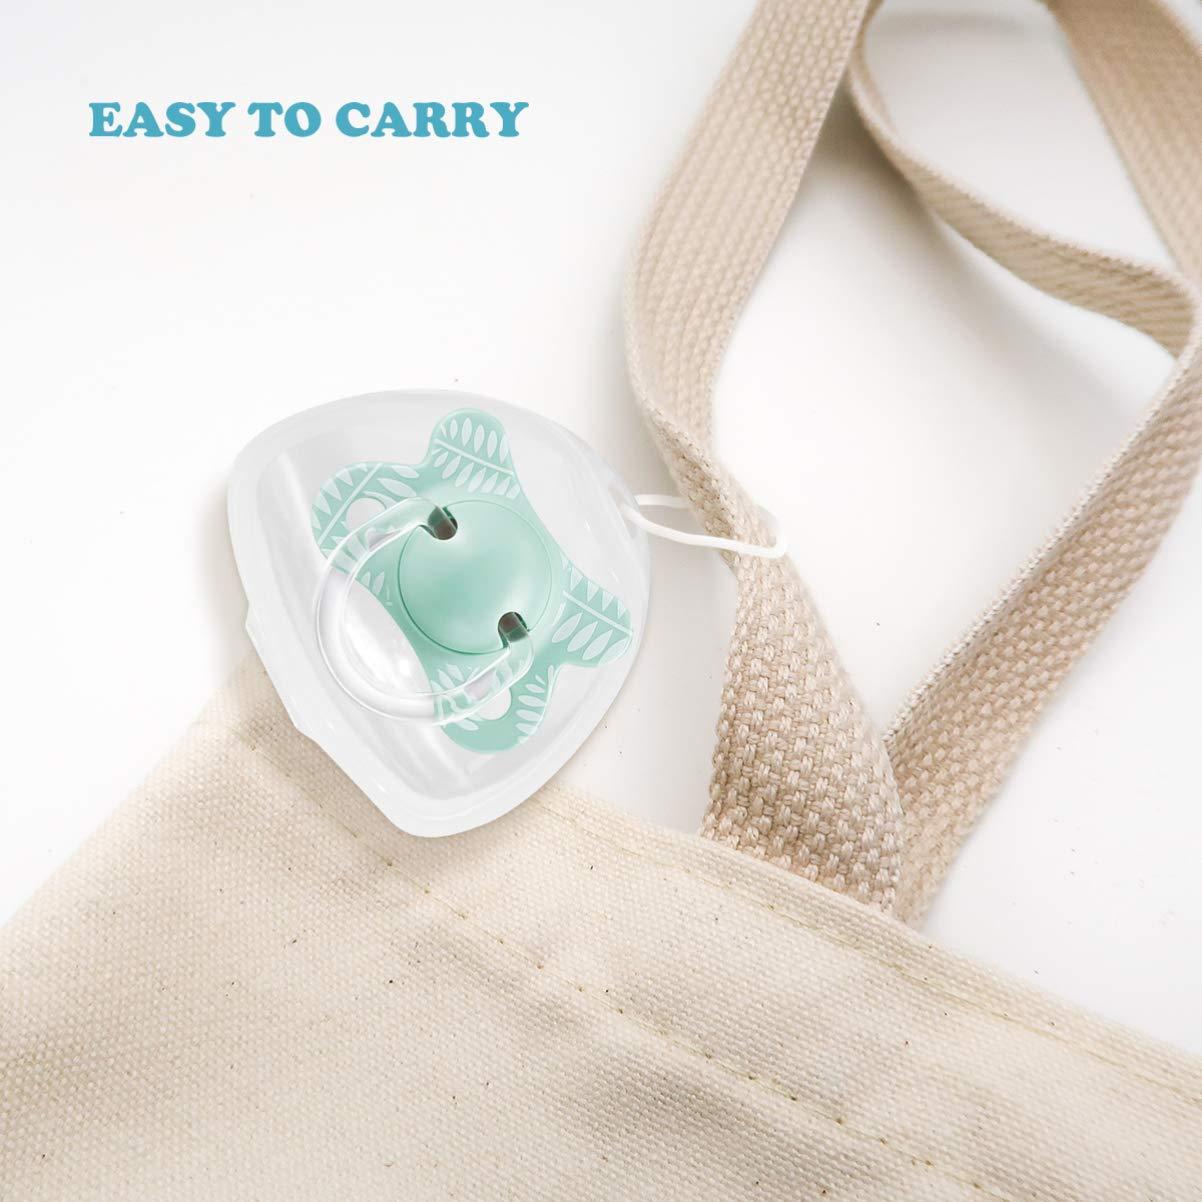 SUPVOX 4PCS Schnullerbox Tragbar Transparent Staubdicht Box f/ür Baby Neugeborene S/äugling